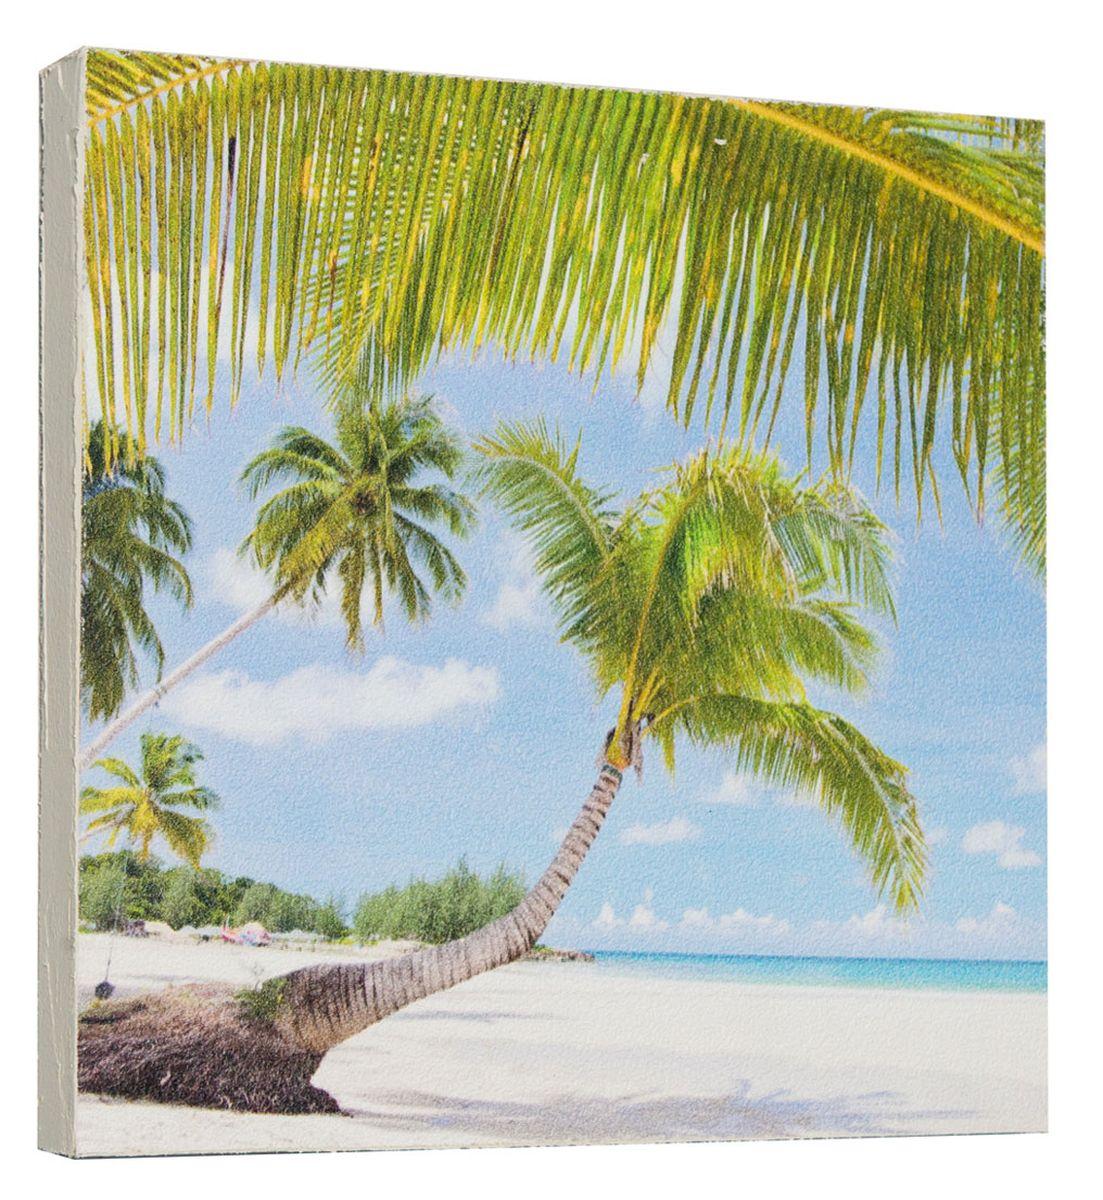 Картина Mister Poster Тропическая пальма, 22 х 22 см0297-22-22Картина Mister Poster - это высококачественная репродукция на деревянной раме. Лицевая поверхность имитирует штукатурку или натуральный холст, края окрашены вручную специальным декоративным составом.Современные технологии, уникальное оборудование и оригинальные чернила, используемые при изготовлении, делают постер устойчивым к выцветанию, а также гарантируют стойкость к воздействию негативных внешних факторов. Интерьер дома и офиса, в котором находится человек, в значительной степени влияет на его настроение и работоспособность. Правильное оформление интерьера создает благоприятный психологический климат, улучшает настроение и мотивирует. Добавьте «красок» в ваш интерьер и, возможно, в вашу жизнь.